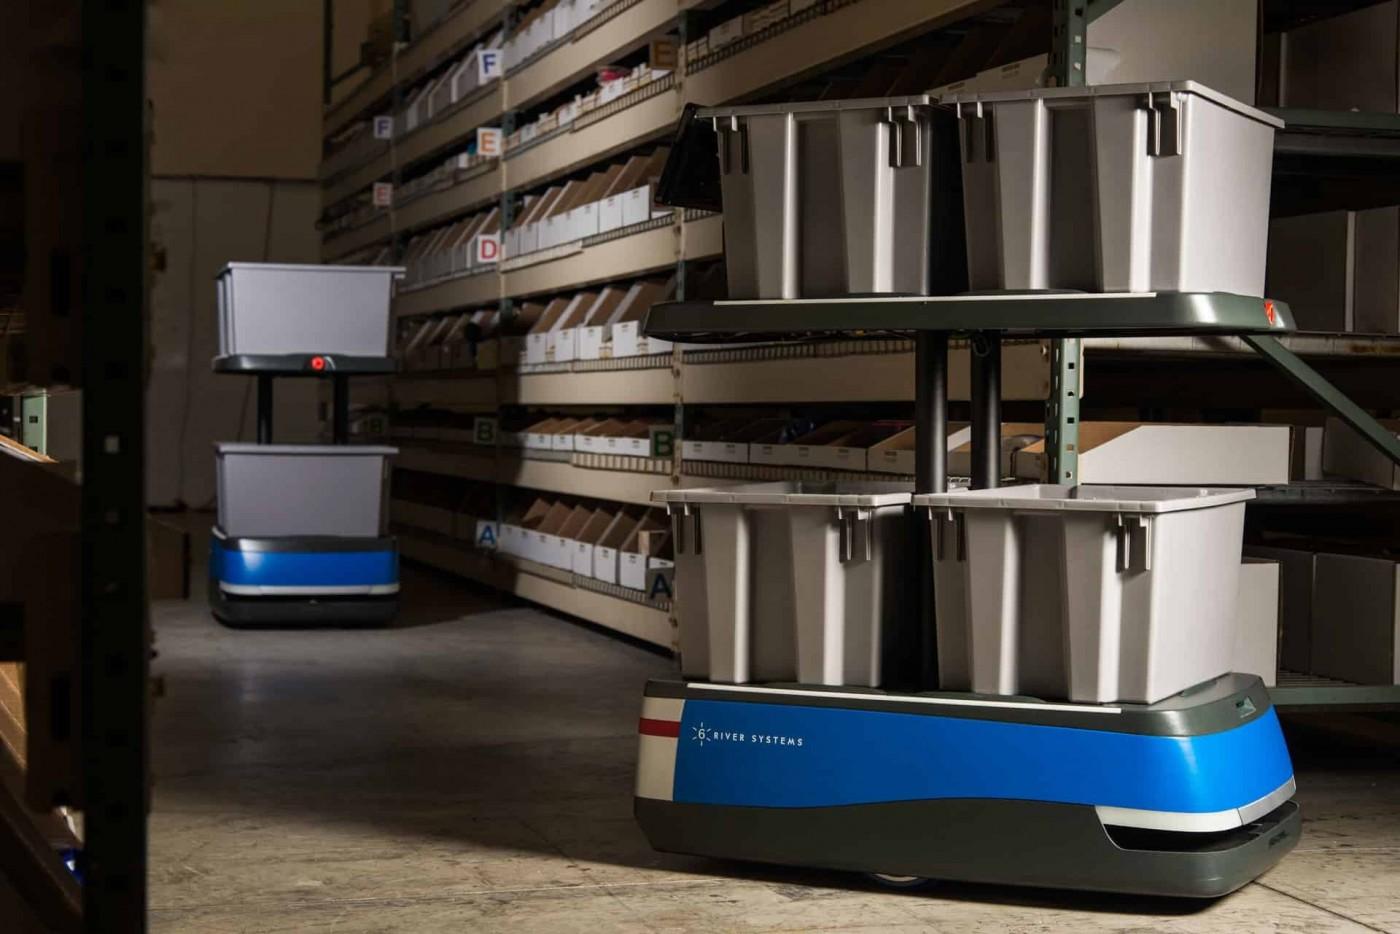 亞馬遜對手現身?電商隱形冠軍Shopify砸140億買下倉儲機器人技術